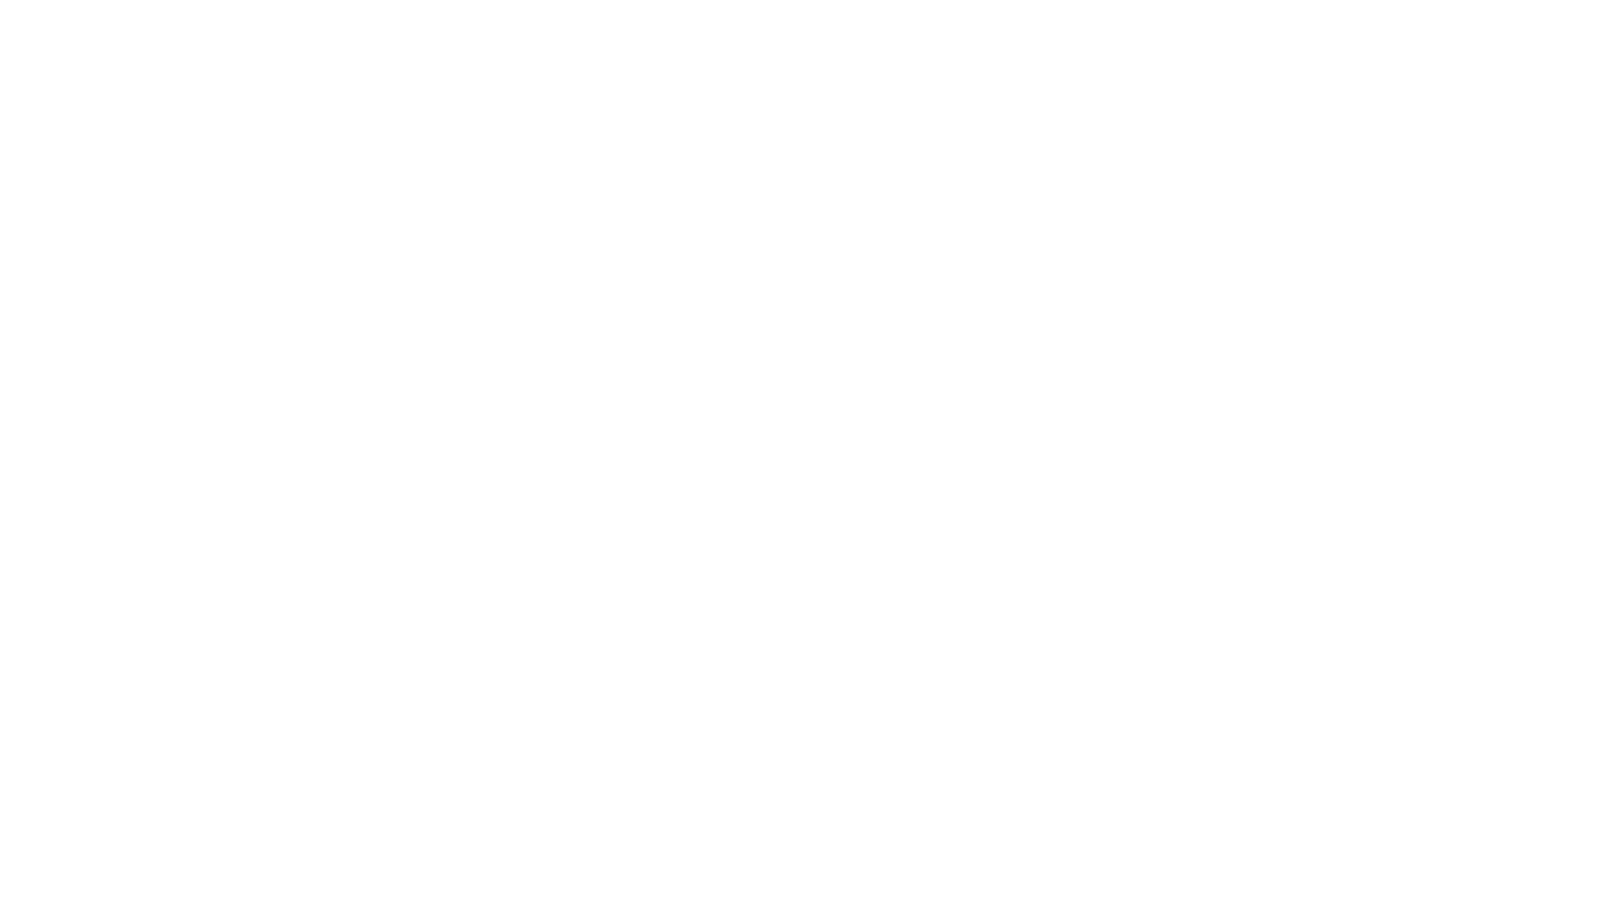 Partido del Cadete Autonómico de la Unión deportiva la Mosca contra el Ciudad de Granada, del grupo 2 1ª Andaluza, celebrado en el Alejandro Martín el domingo 28 de octubre de 2018 con victoria de la mosca por 3 a 0. Primera Parte